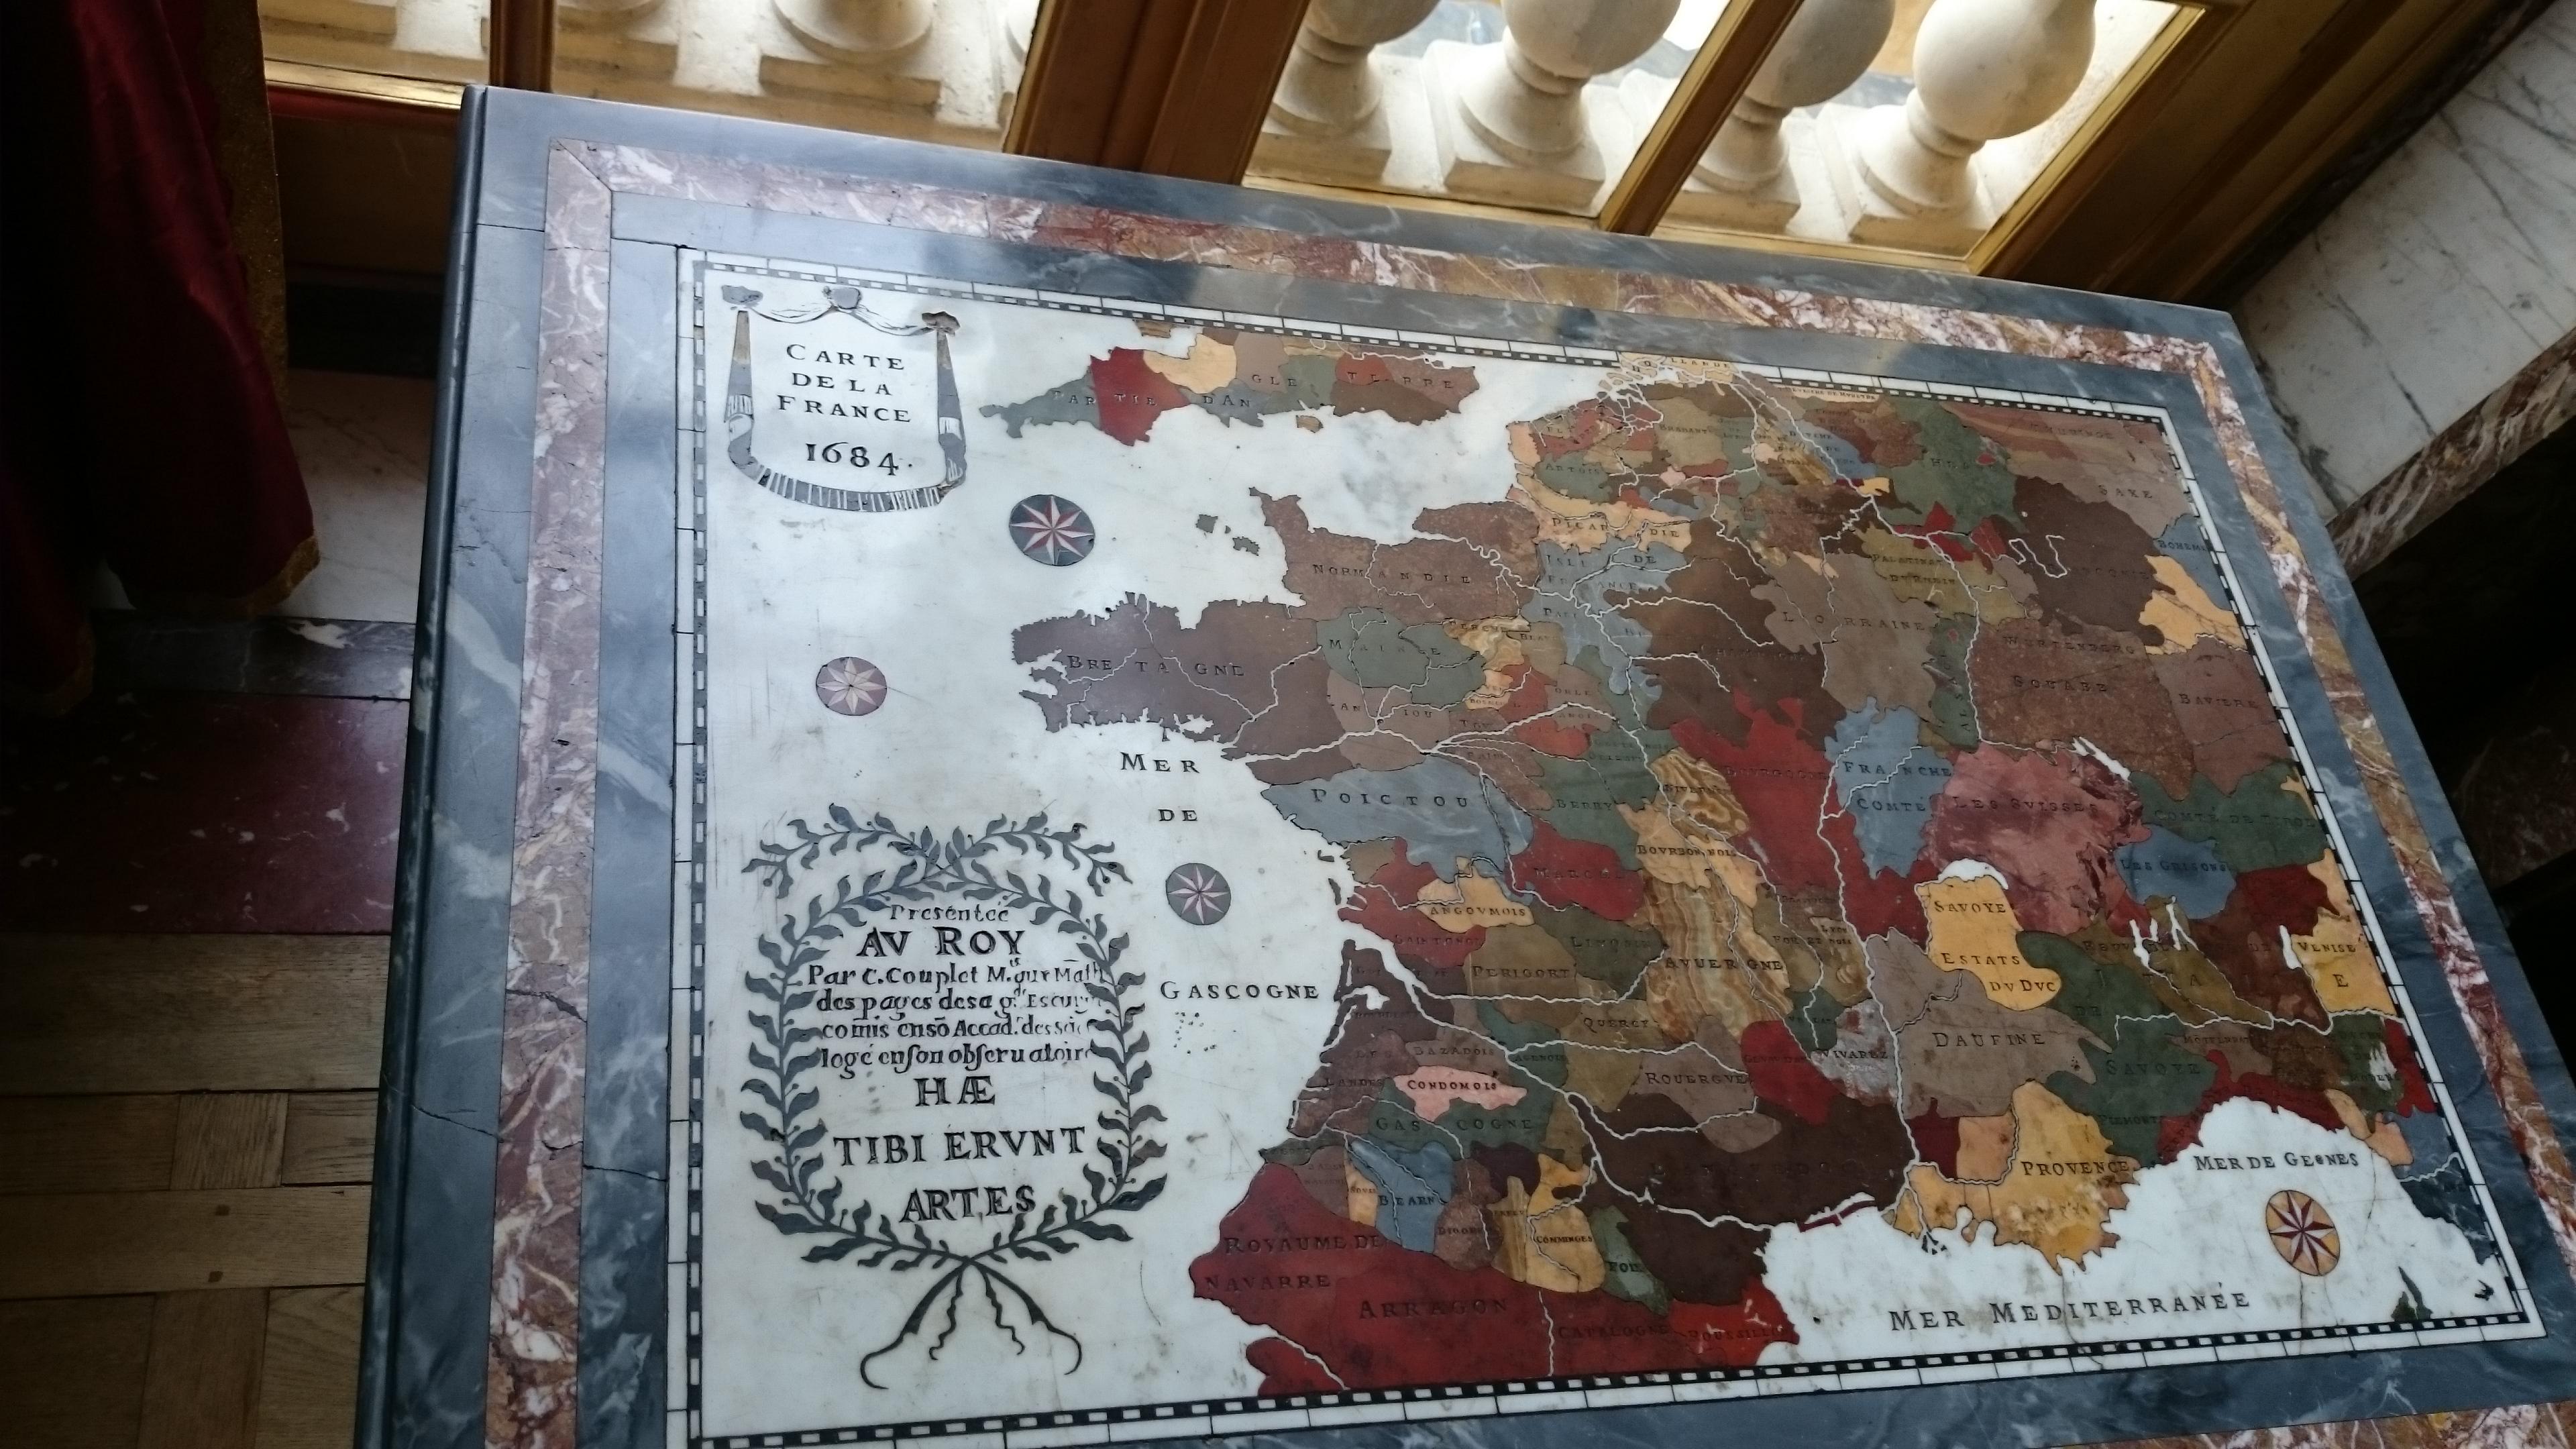 dsc 13421 - Visita al Palacio de Versalles: Como ir, cuanto cuesta y tips III/III